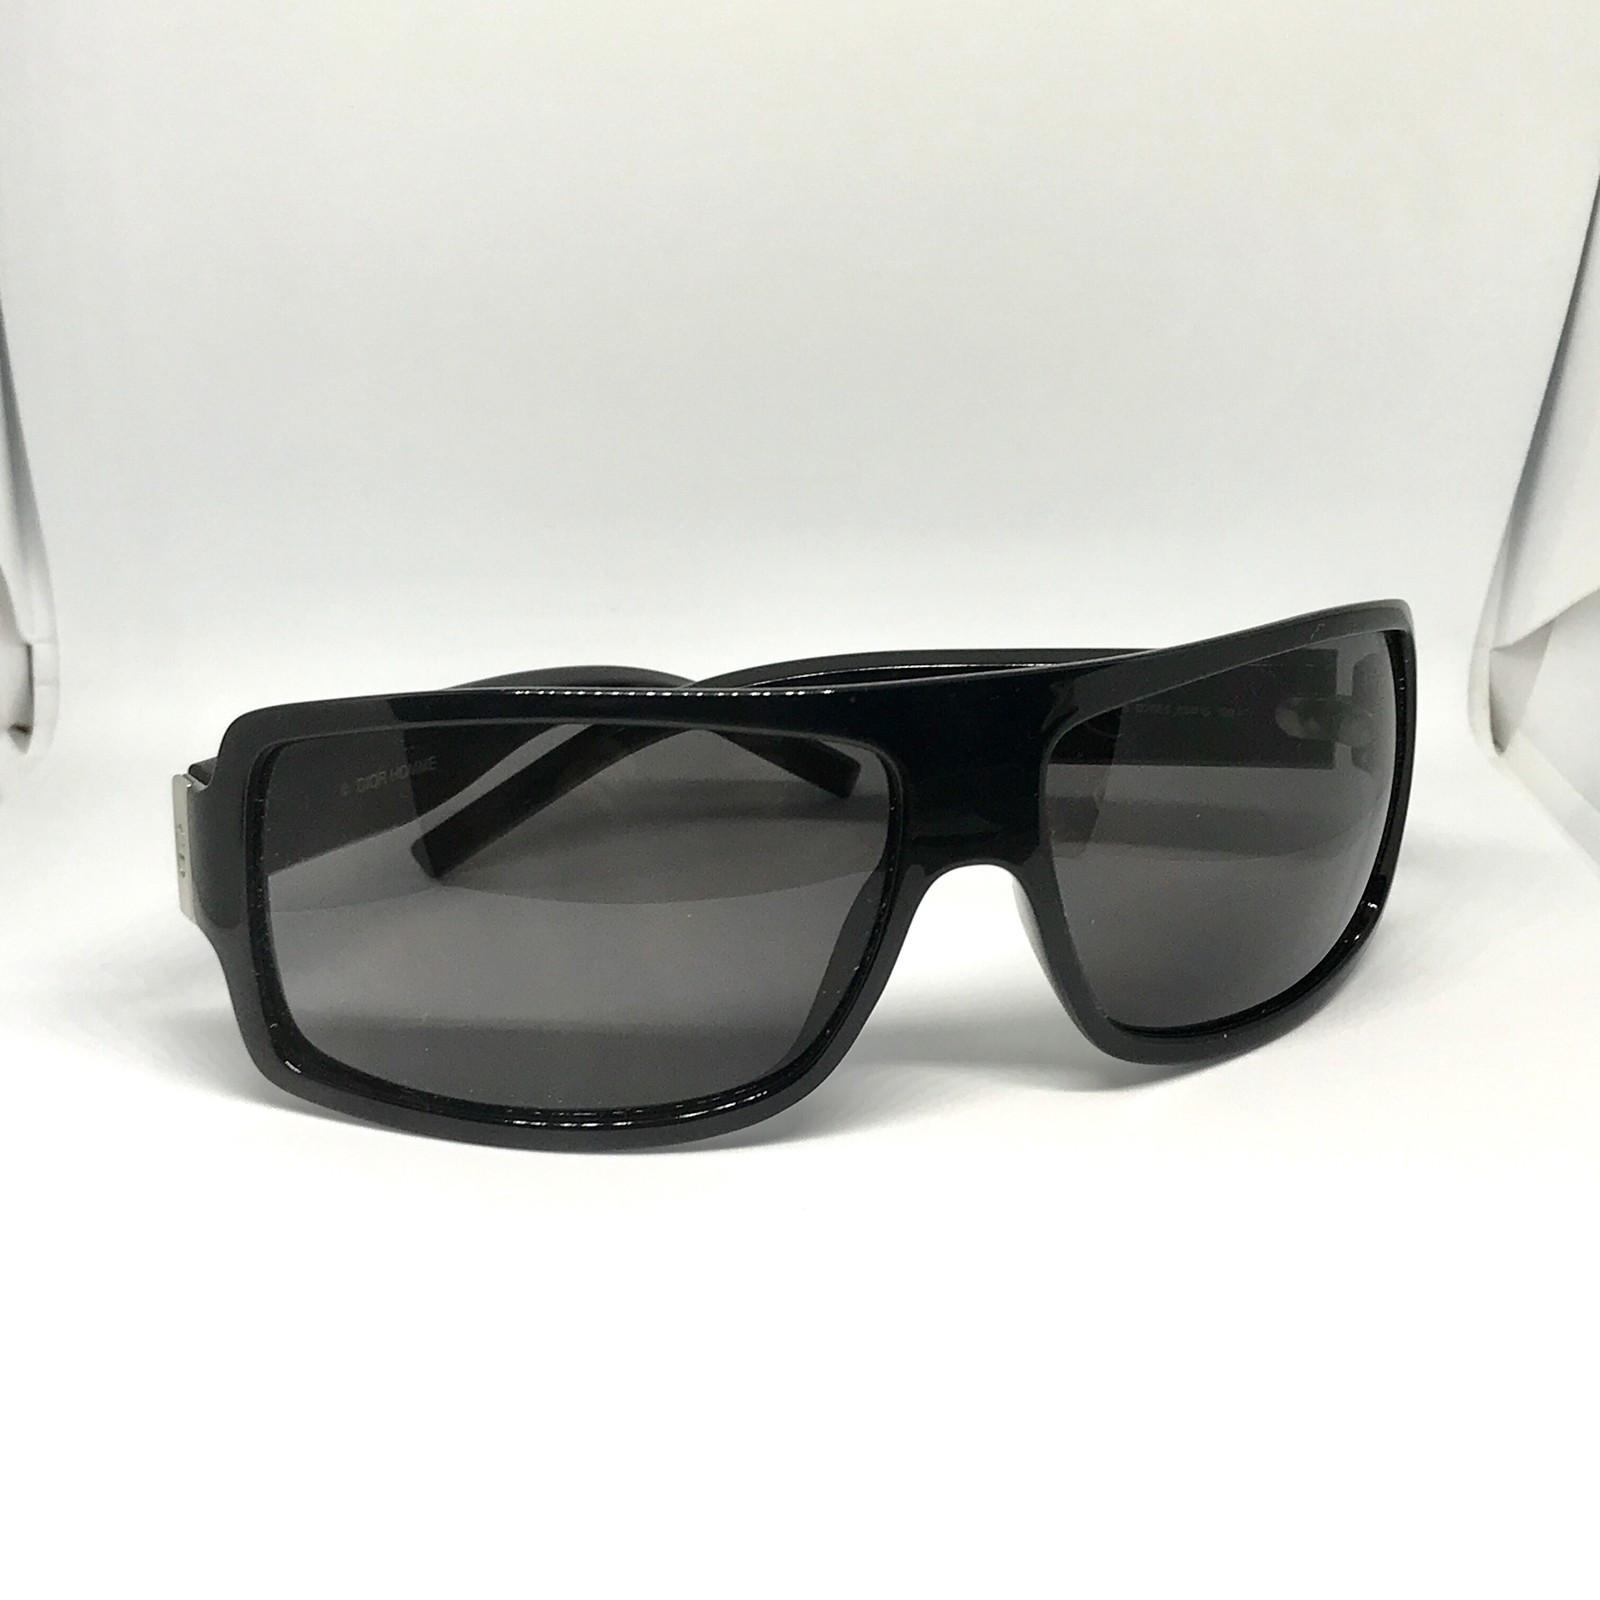 8052d3cc0d1a Meget pent brukte Dior solbriller til menn